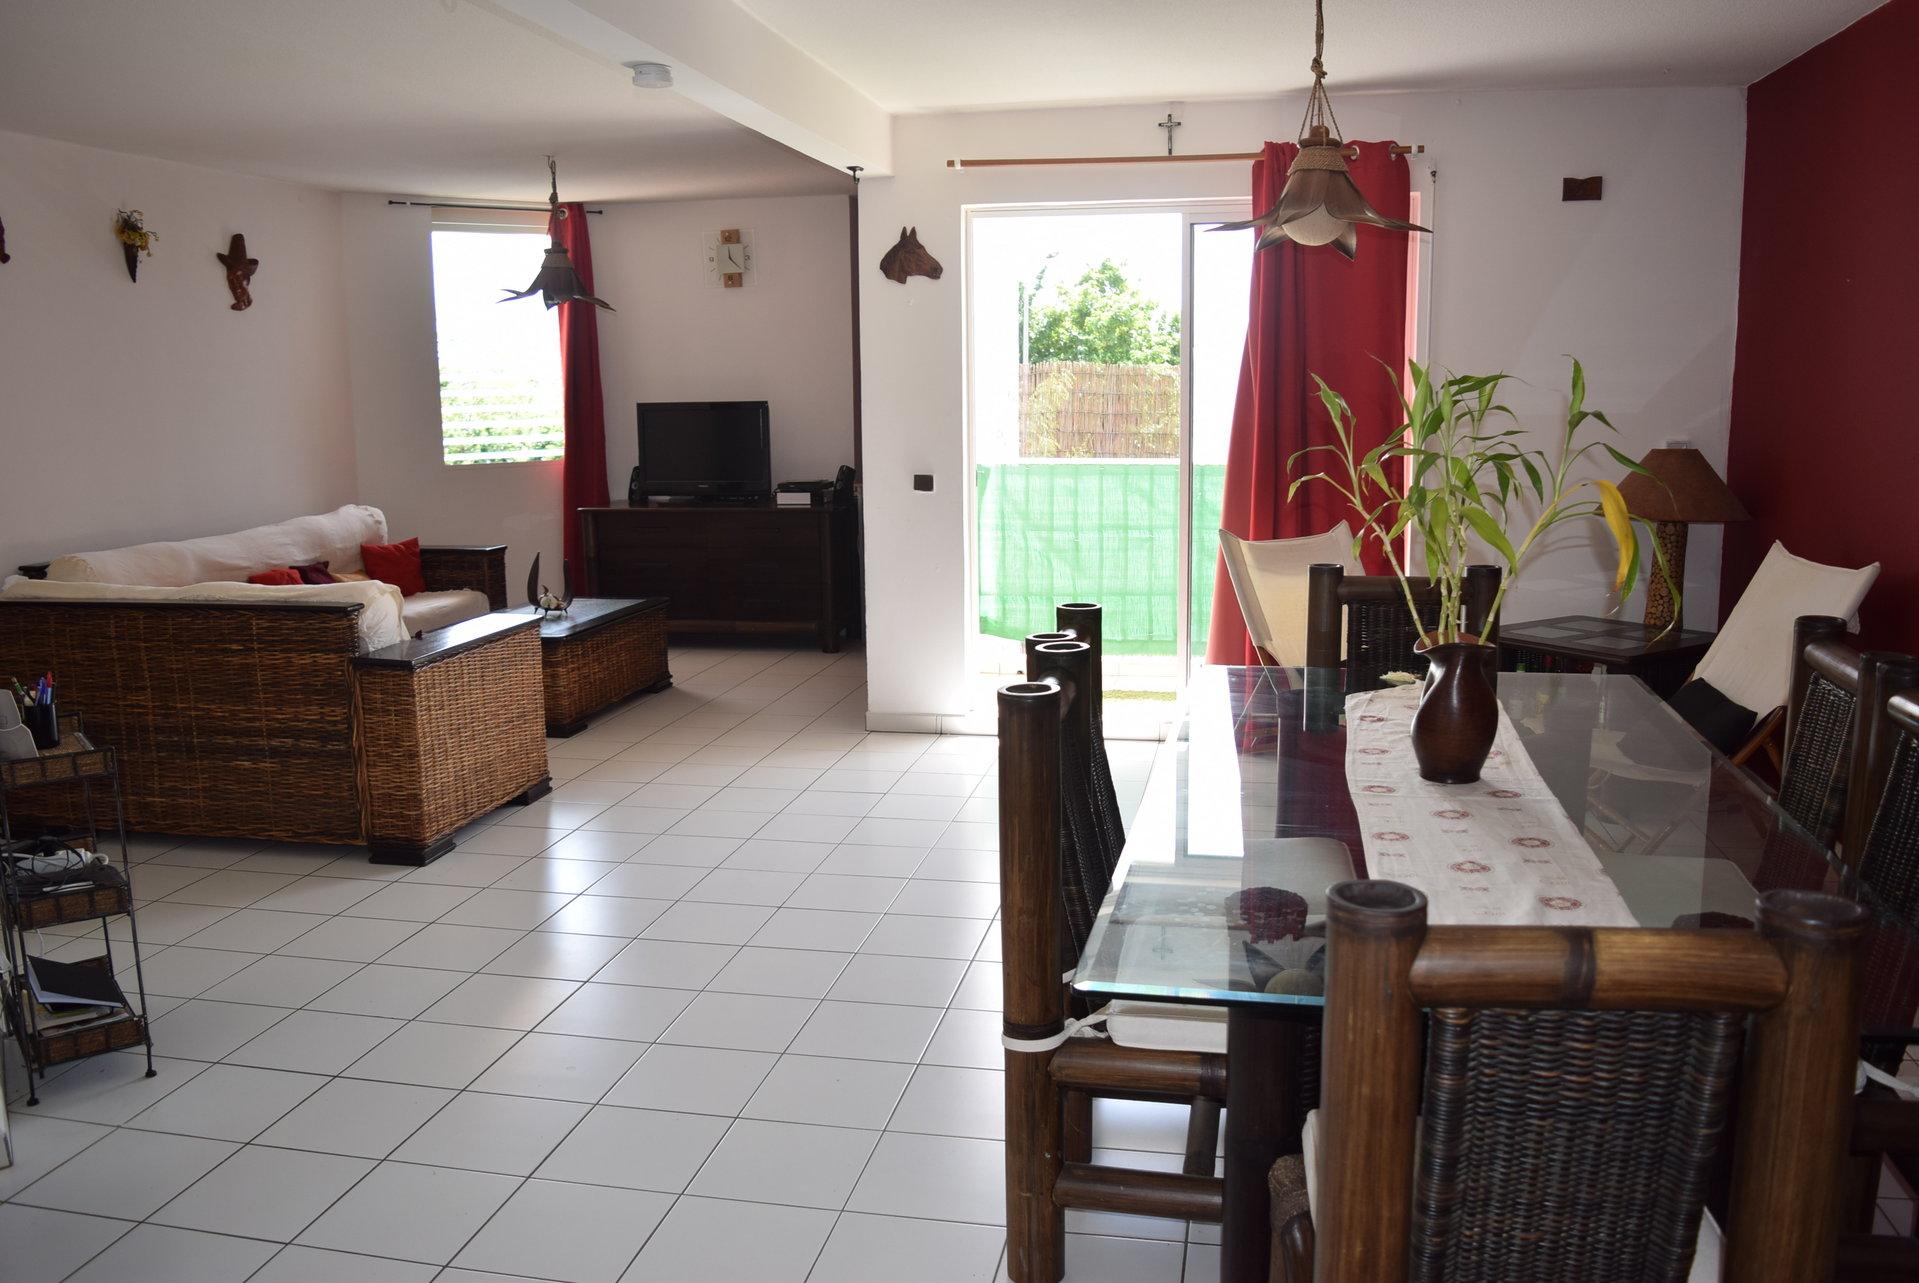 Loue Appt F4 meublé, Sainte-Luce 97228